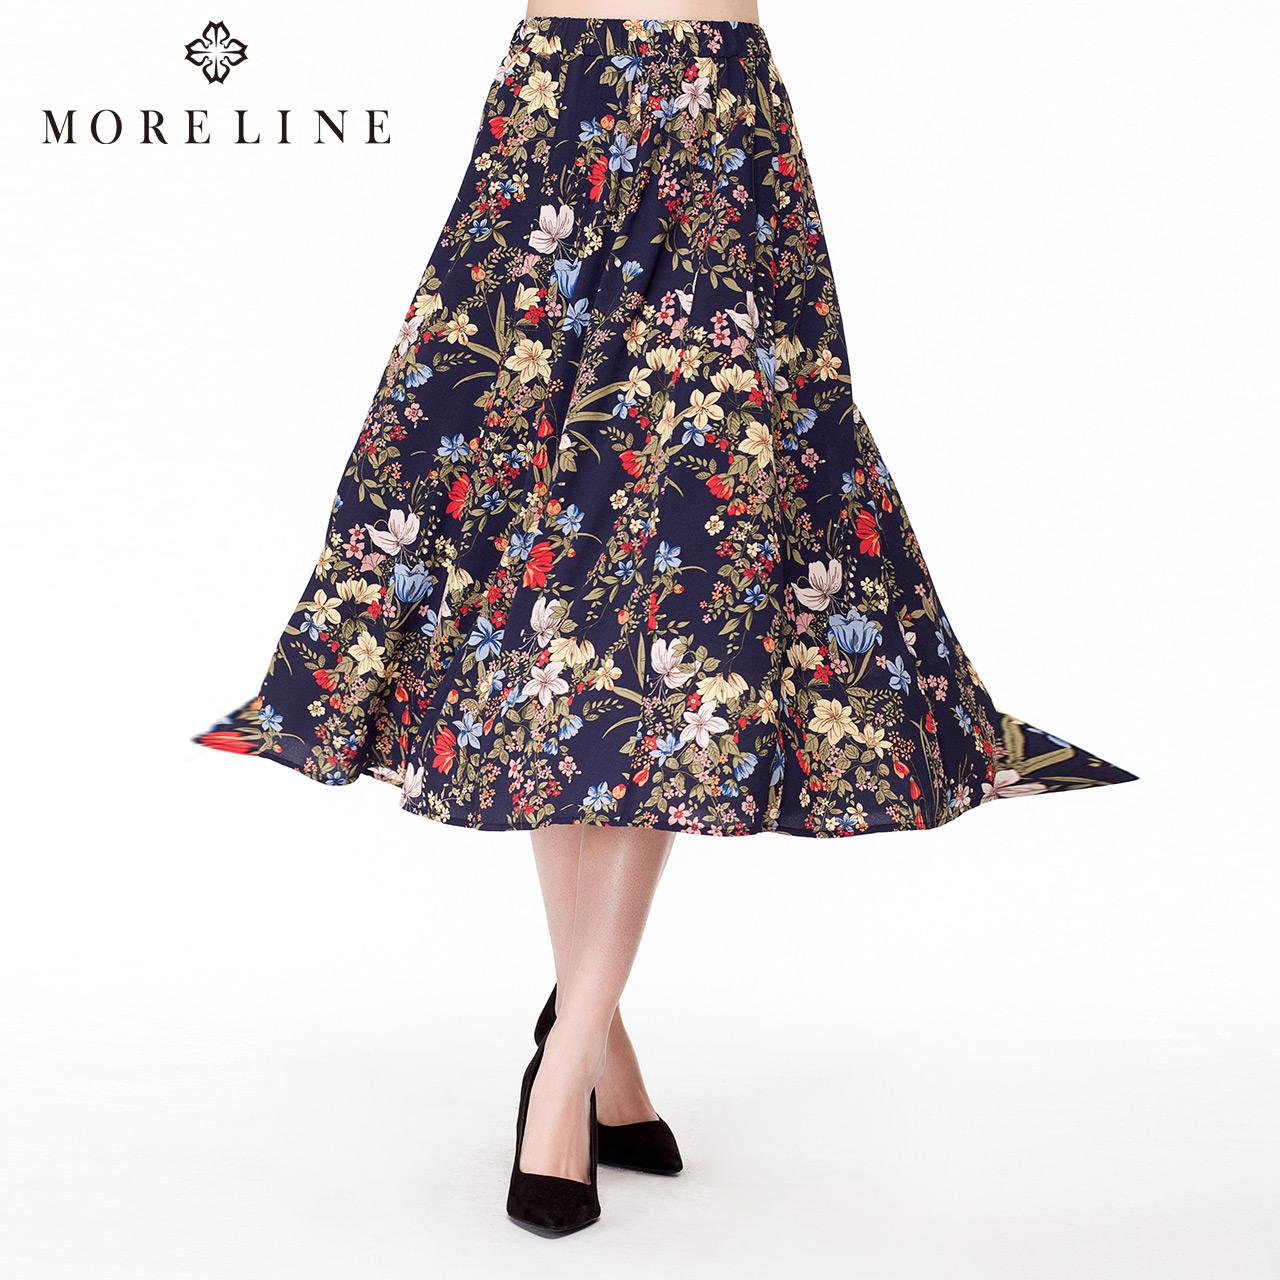 商場同款MORELINE沐蘭春季時尚百搭印花女長裙半身裙 明星同款